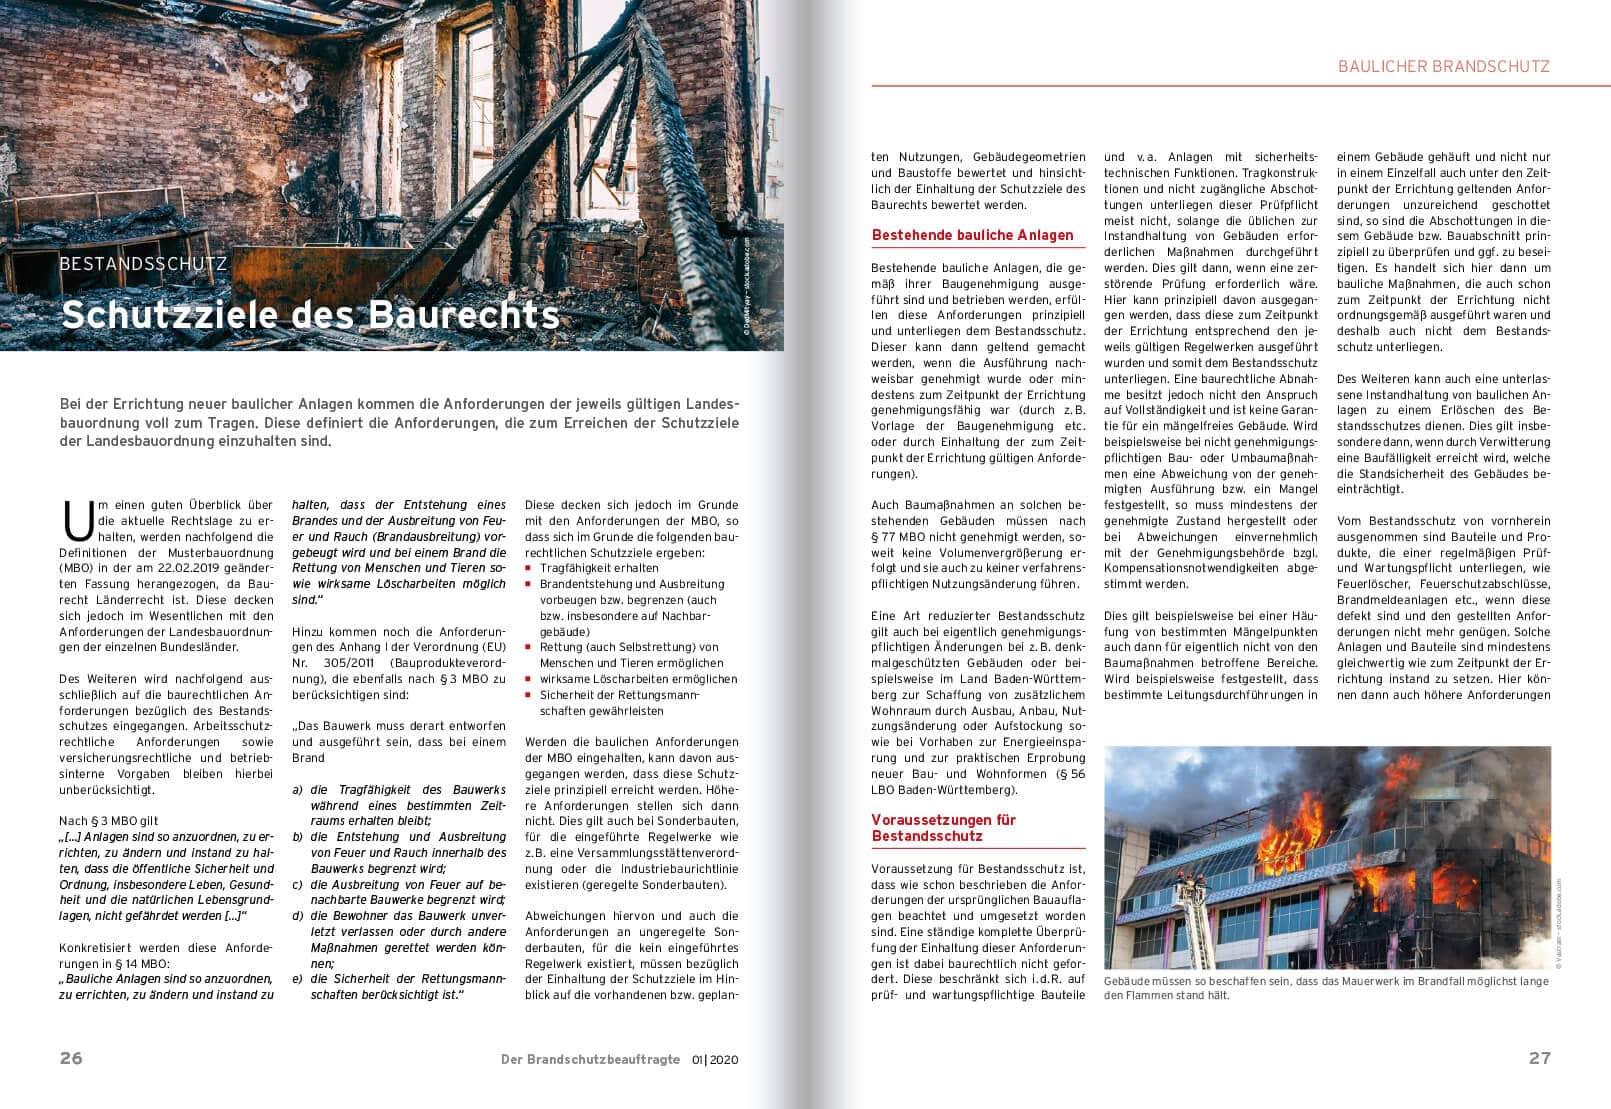 Heftseite Baulicher Brandschutz